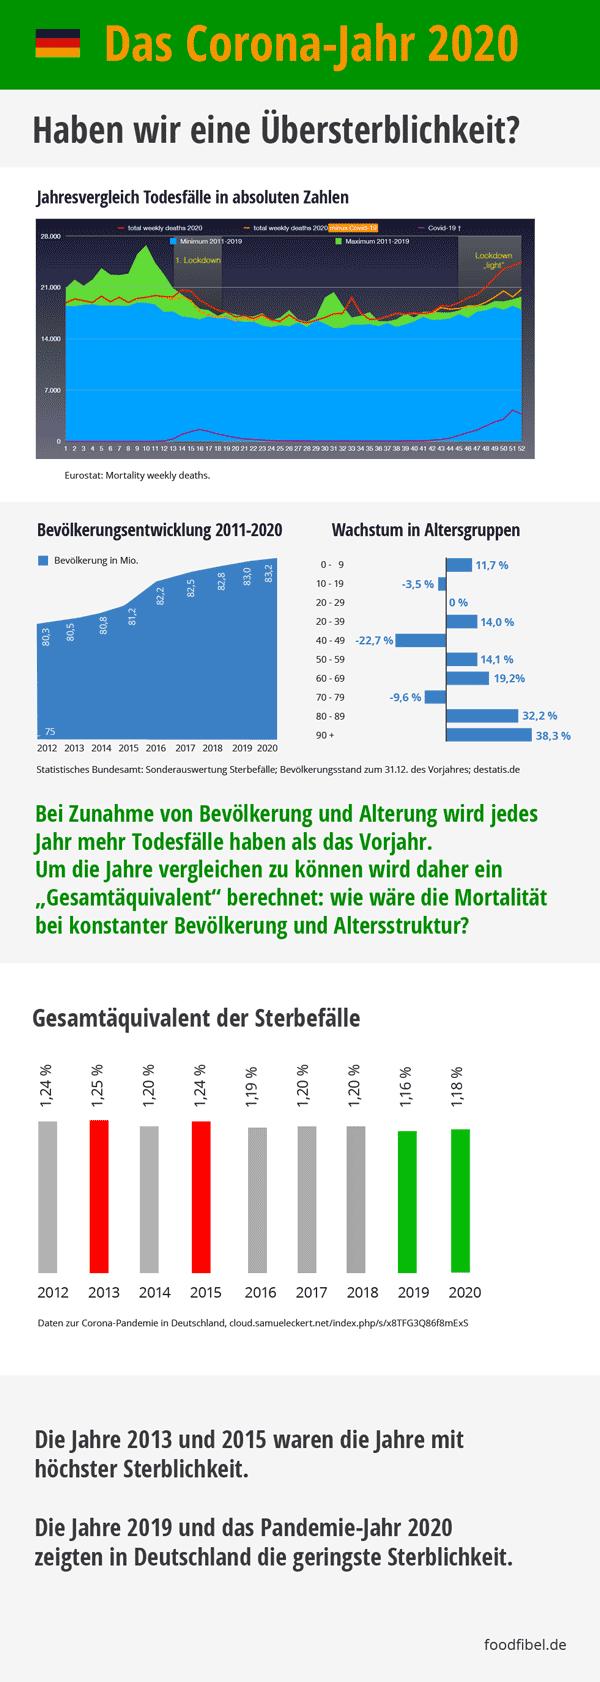 Keine Übersterblichkeit: Das Corona-Jahr 2020 in Deutschland. Zahlen und Grafiken. © foodfibel.de, eigenes Werk.